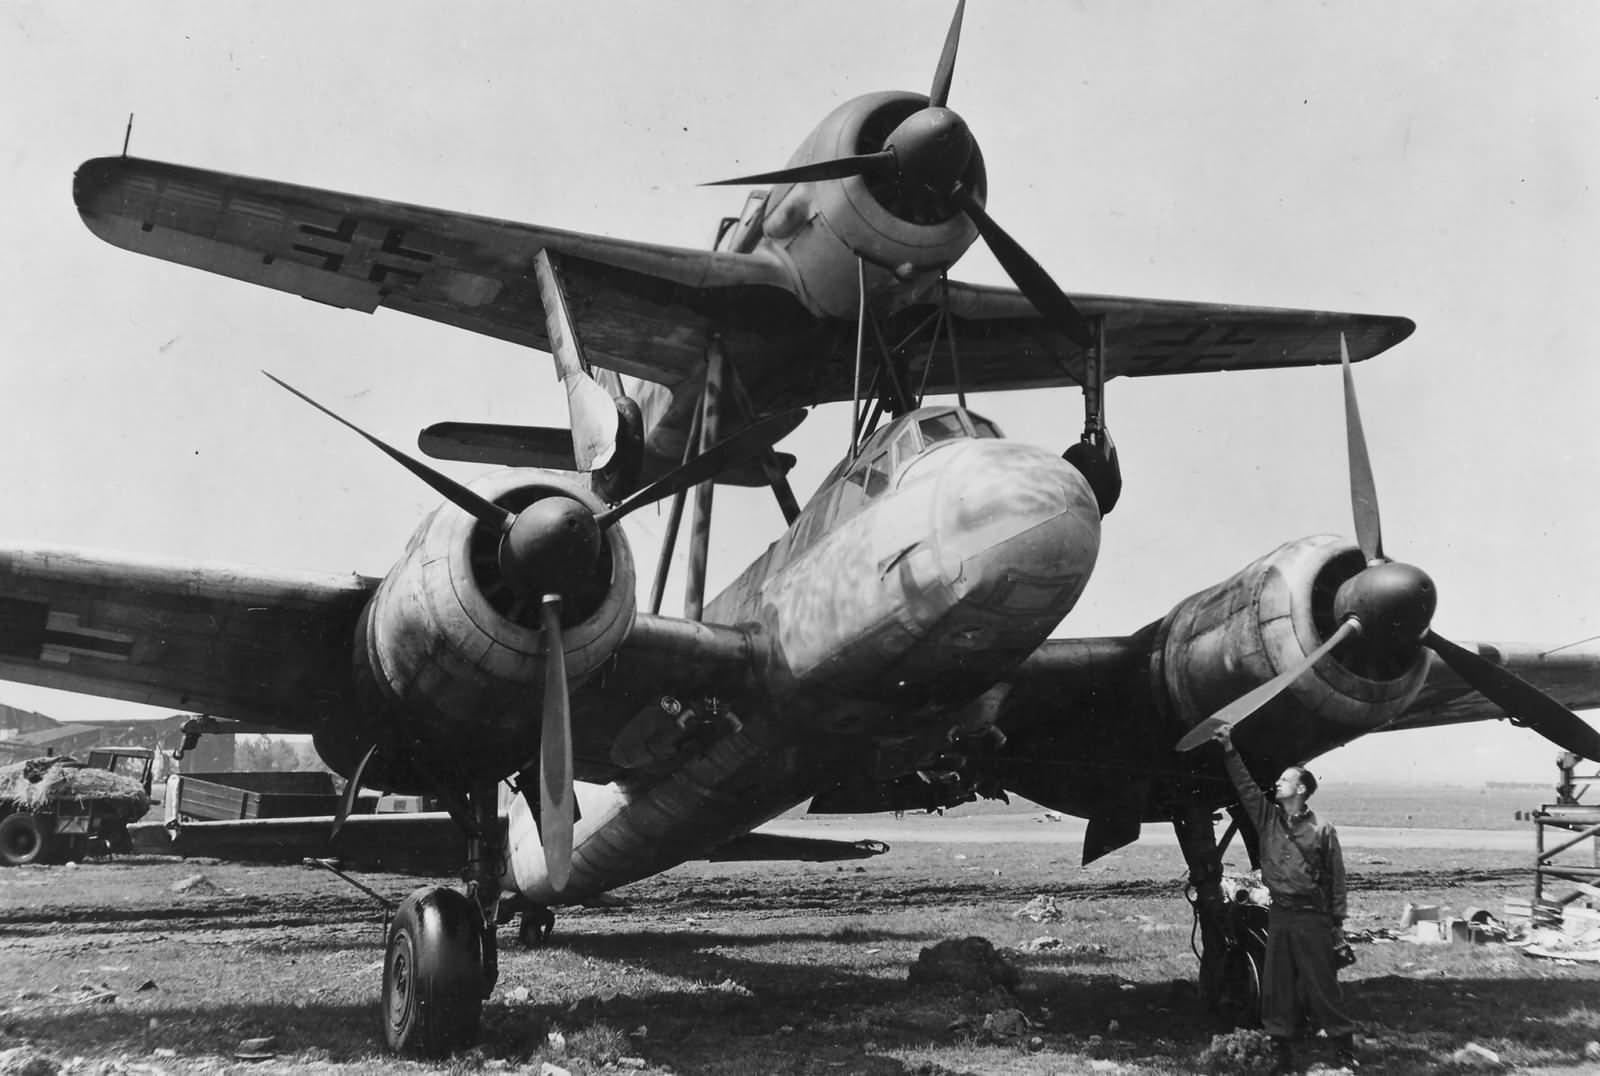 Mistel Ju88 + Fw190 Bernburg